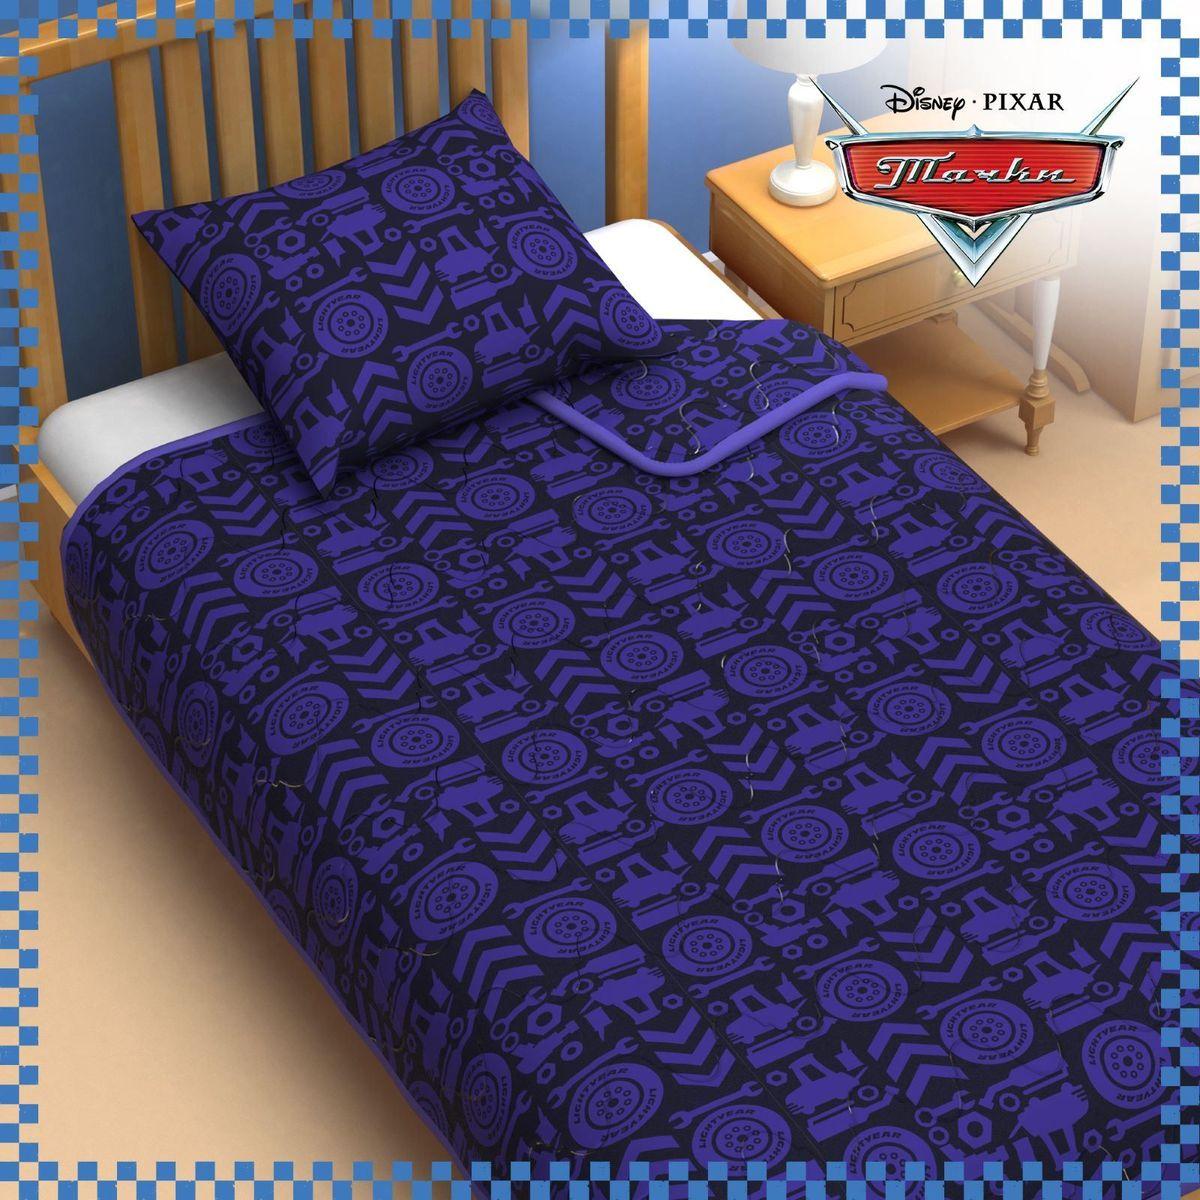 Disney Одеяло 1,5 спальное Тачки цвет синий 140 х 205 см1153171Сказочные сны с любимыми героями Disney.Маленький любитель мультфильмов Disney будет в восторге от этого яркого одеяла! Оно подарит крохе захватывающие сны и по-настоящему доброе утро.Почему? Потому что одеяло изготовлено в России на современном оборудовании, а при нанесении рисунка использовались только качественные европейские красители. Над дизайном работала команда настоящих мастеров своего дела: очаровательные персонажи мультфильмов, детально проработанная картинка, гармоничное сочетание цветов - всё это результат их кропотливой работы. В качестве наполнителя для изделия используется файбер - практичный, безопасный и мягкий материал. Именно поэтому одеяло: - поддерживает комфортную температуру тела во время сна; - не способствует появлению аллергии и раздражения; - позволяет коже дышать и впитывает влагу; - хорошо переносит многочисленные стирки, сохраняя первоначальную форму и внешний вид. Чехол выполнен из поплина - прочной, невероятно приятной на ощупь хлопковой ткани, которая хорошо поддаётся окрашиванию и также позволяет коже дышать. Чехол: хлопок 100 %, поплин 125 г/м2.Наполнитель: файбер 200 г/м2. Рекомендации по уходу за изделием: стирайте при температуре не выше 40 °C без использования отбеливателей. Сушите в горизонтальном положении.